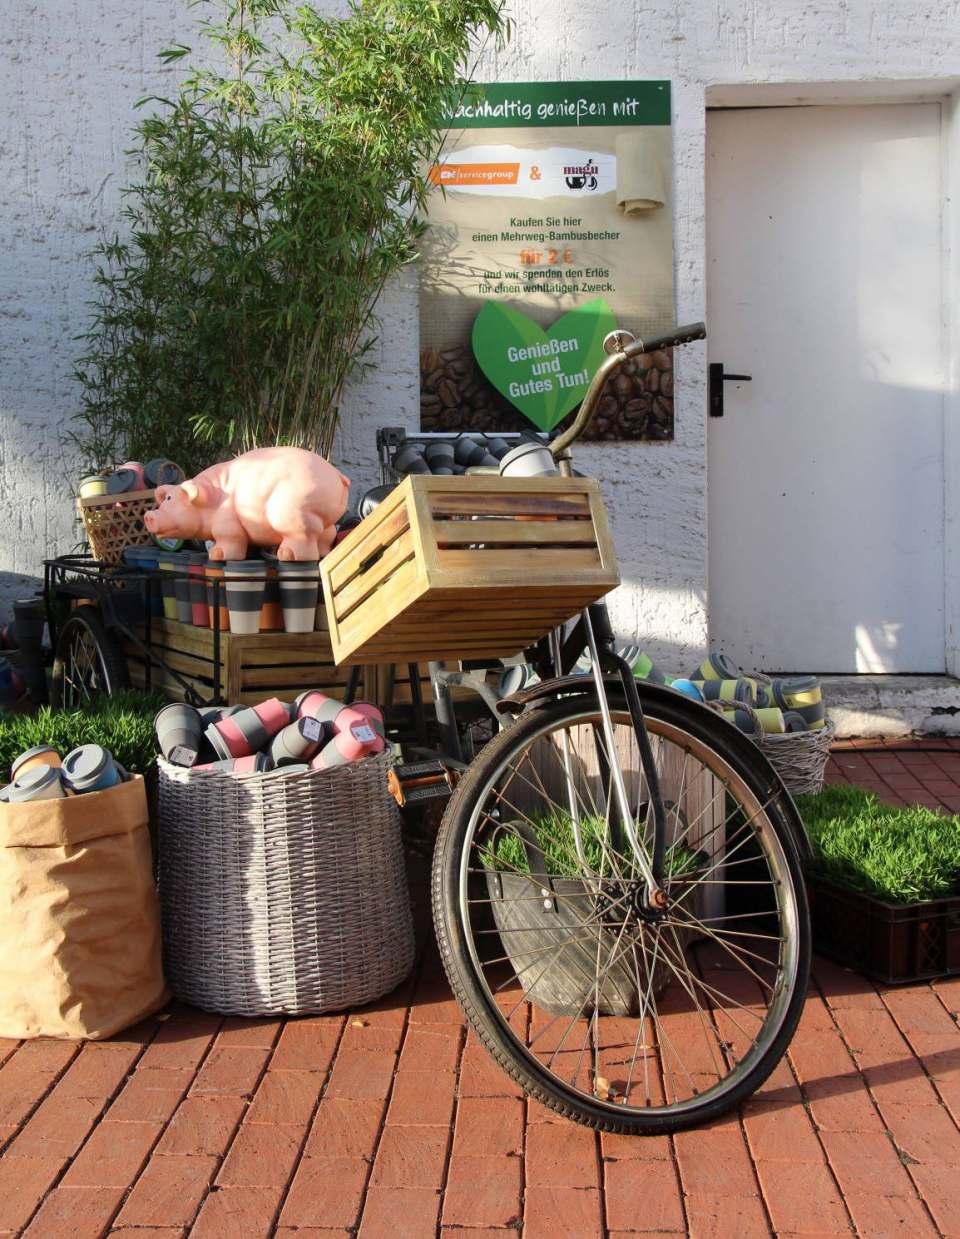 Auf der EK LIVE in Bielefeld im September: nachhaltige Spendensammlung mit wiederverwertbaren Bambus Bechern.